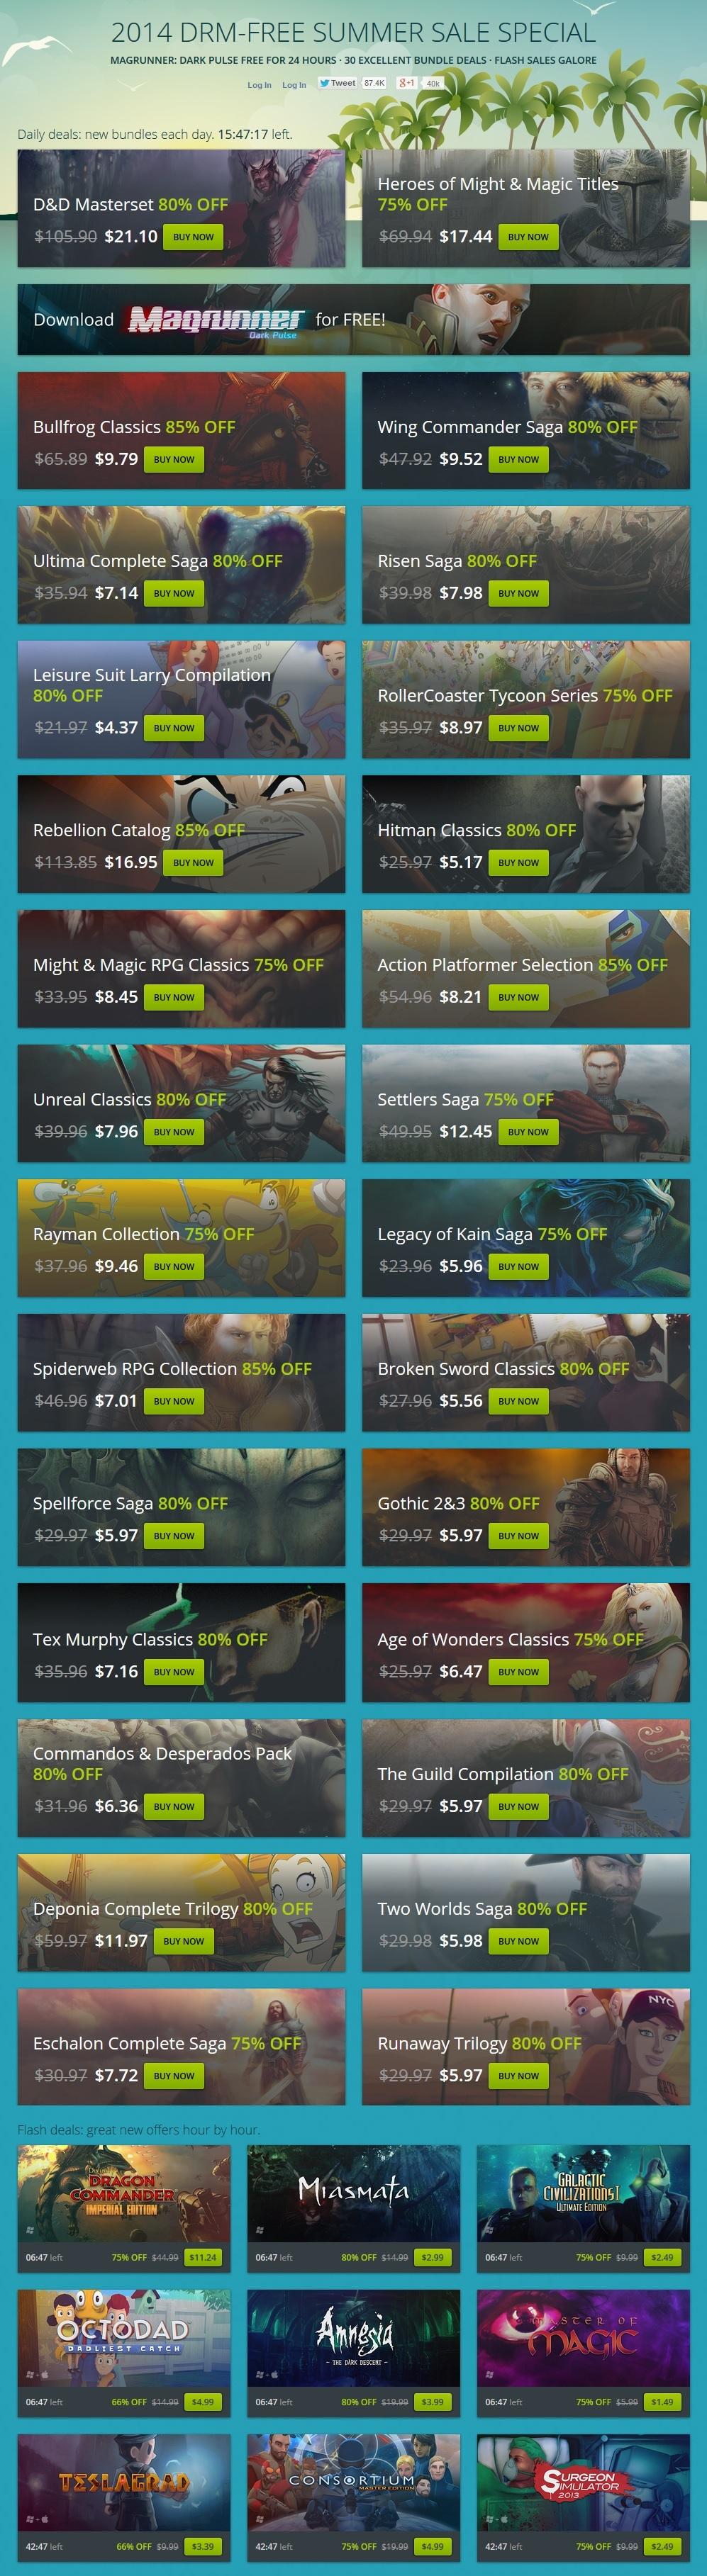 GOG_com_summer_sale_2014